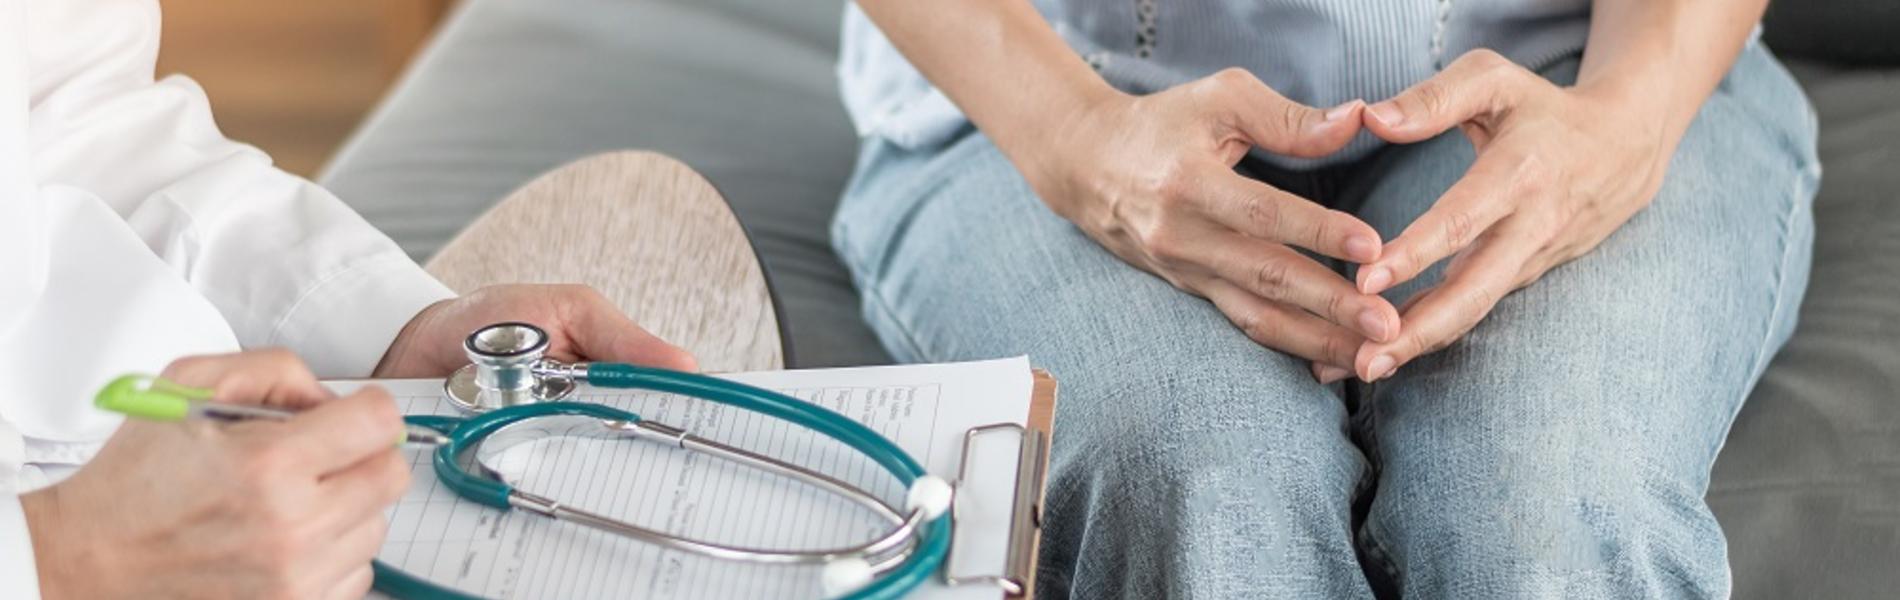 סרטן השחלות: מסתבר שבדיקת דם פשוטה יכולה להפחית את הסיכון לחלות במחלה